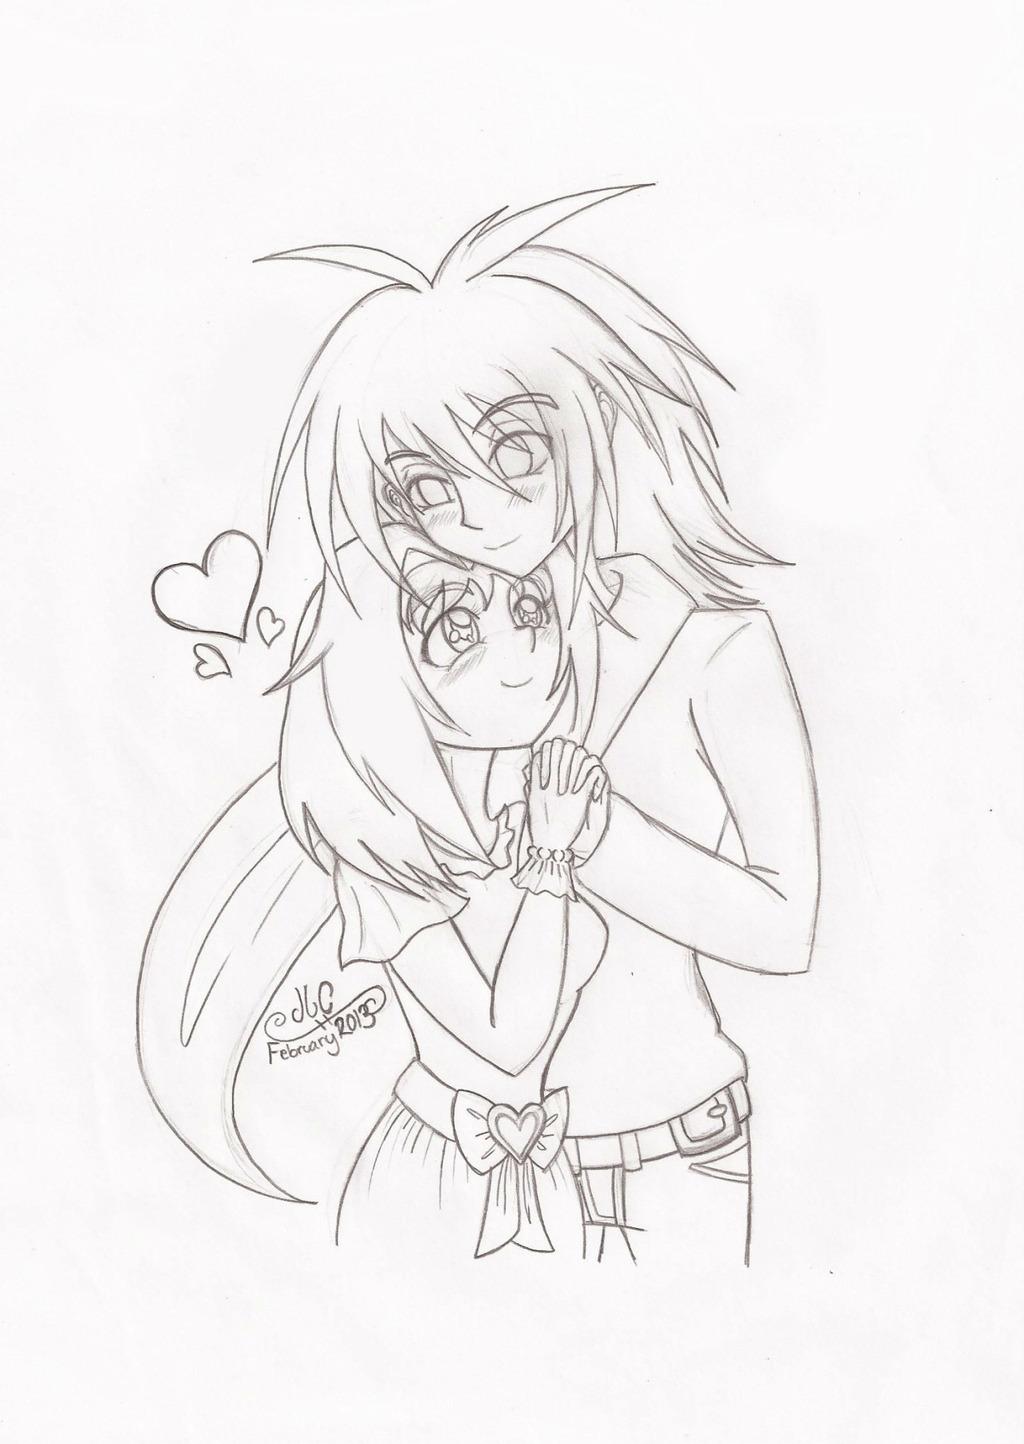 Kurokage and Whispers Valentine's Day 2013